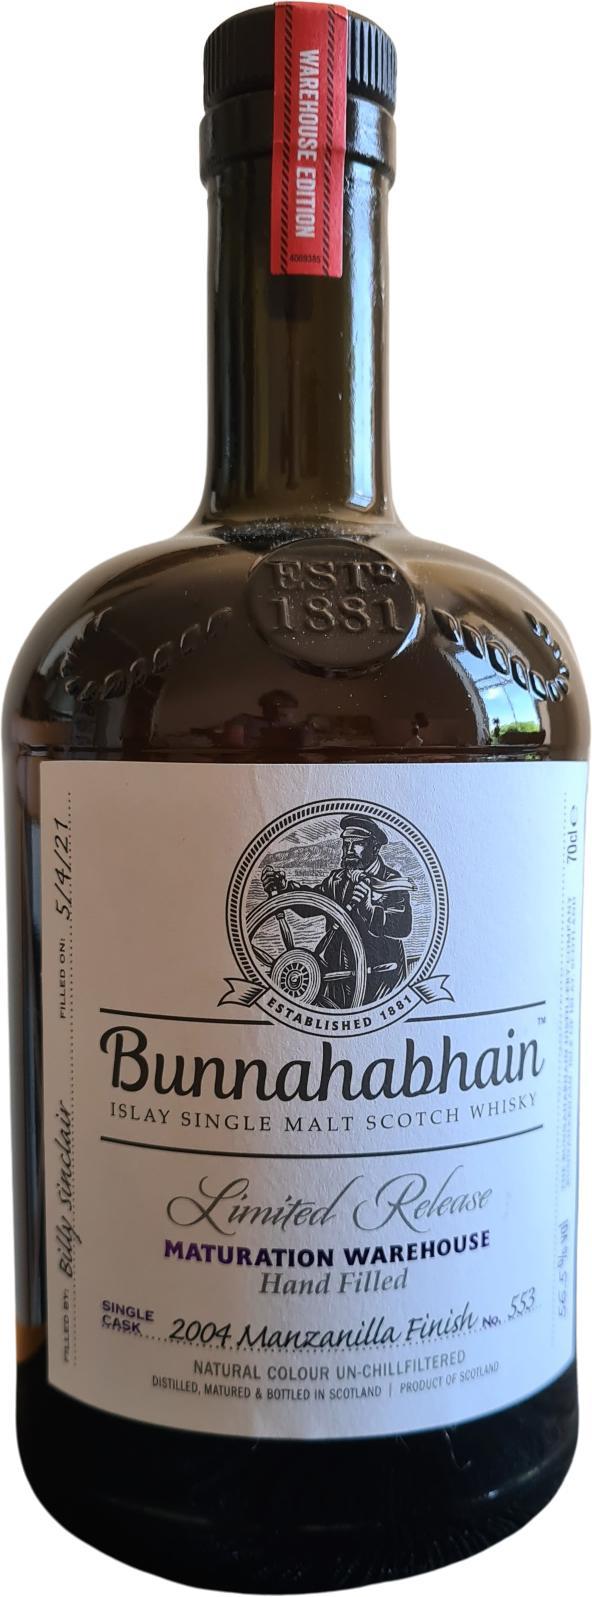 Bunnahabhain 2004